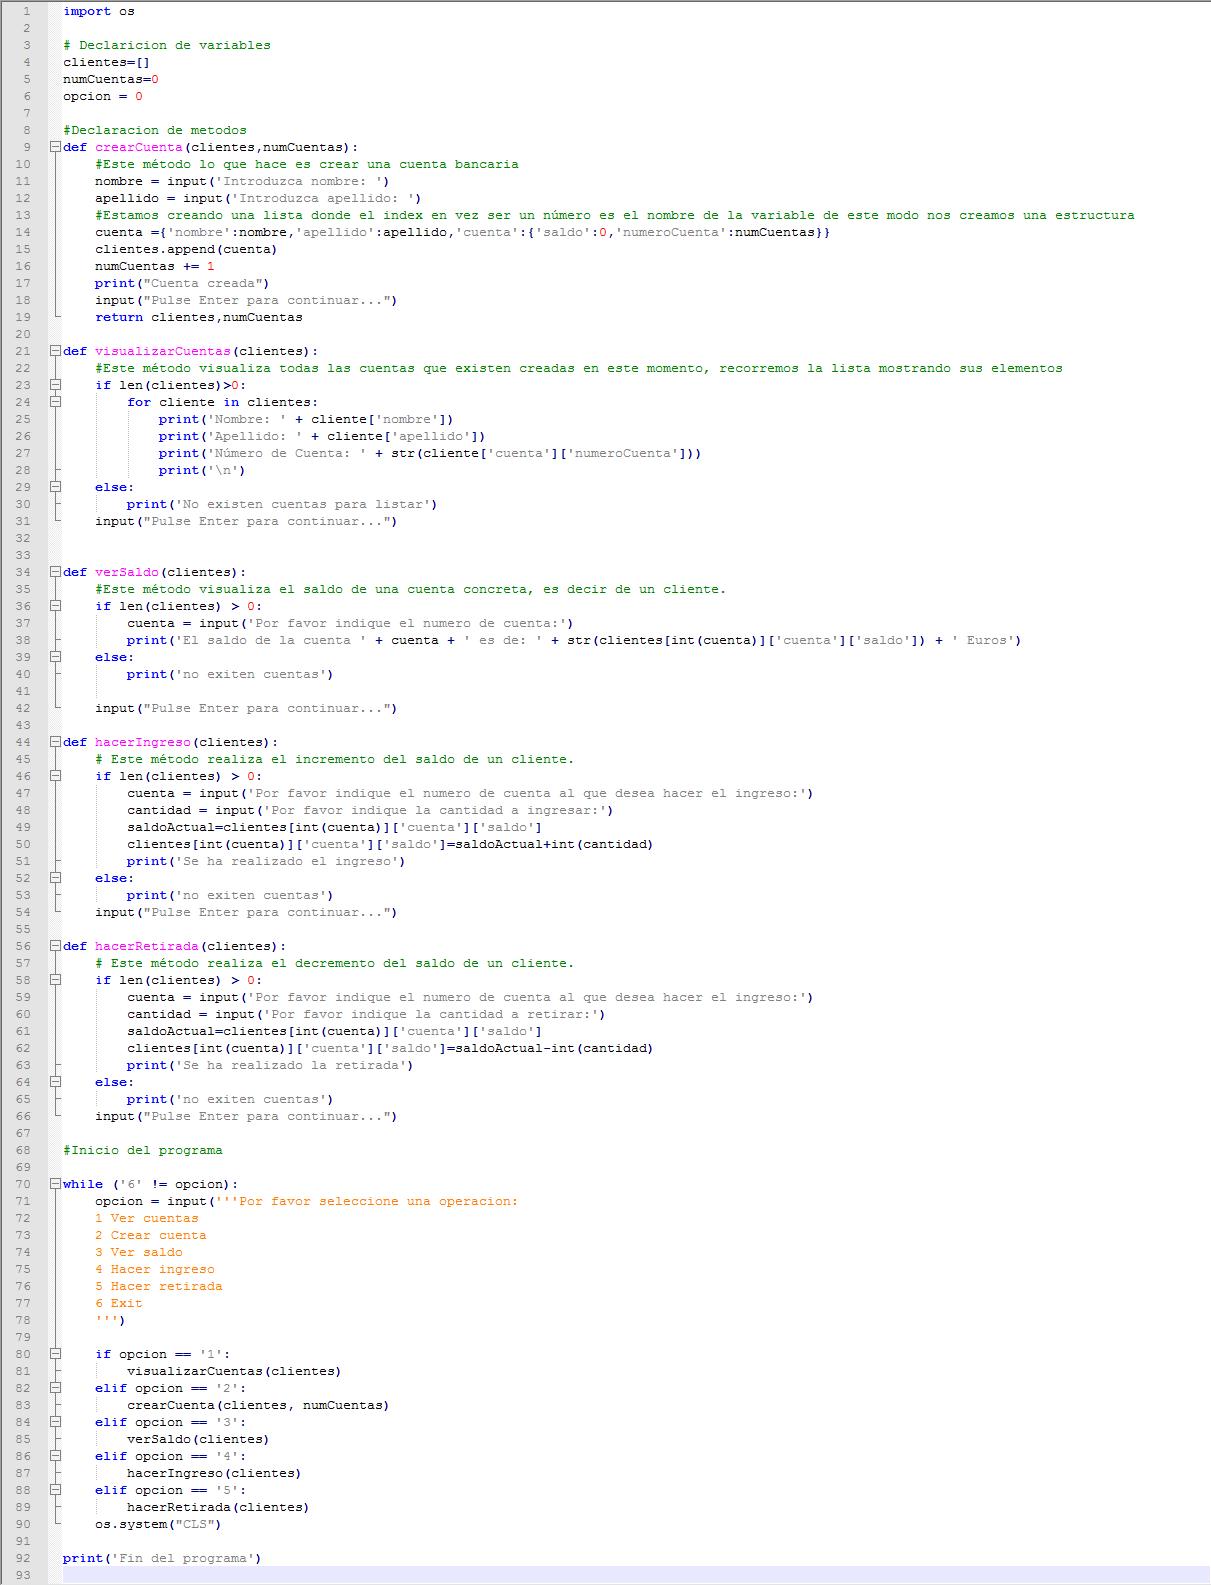 Código completo de la aplicación Python